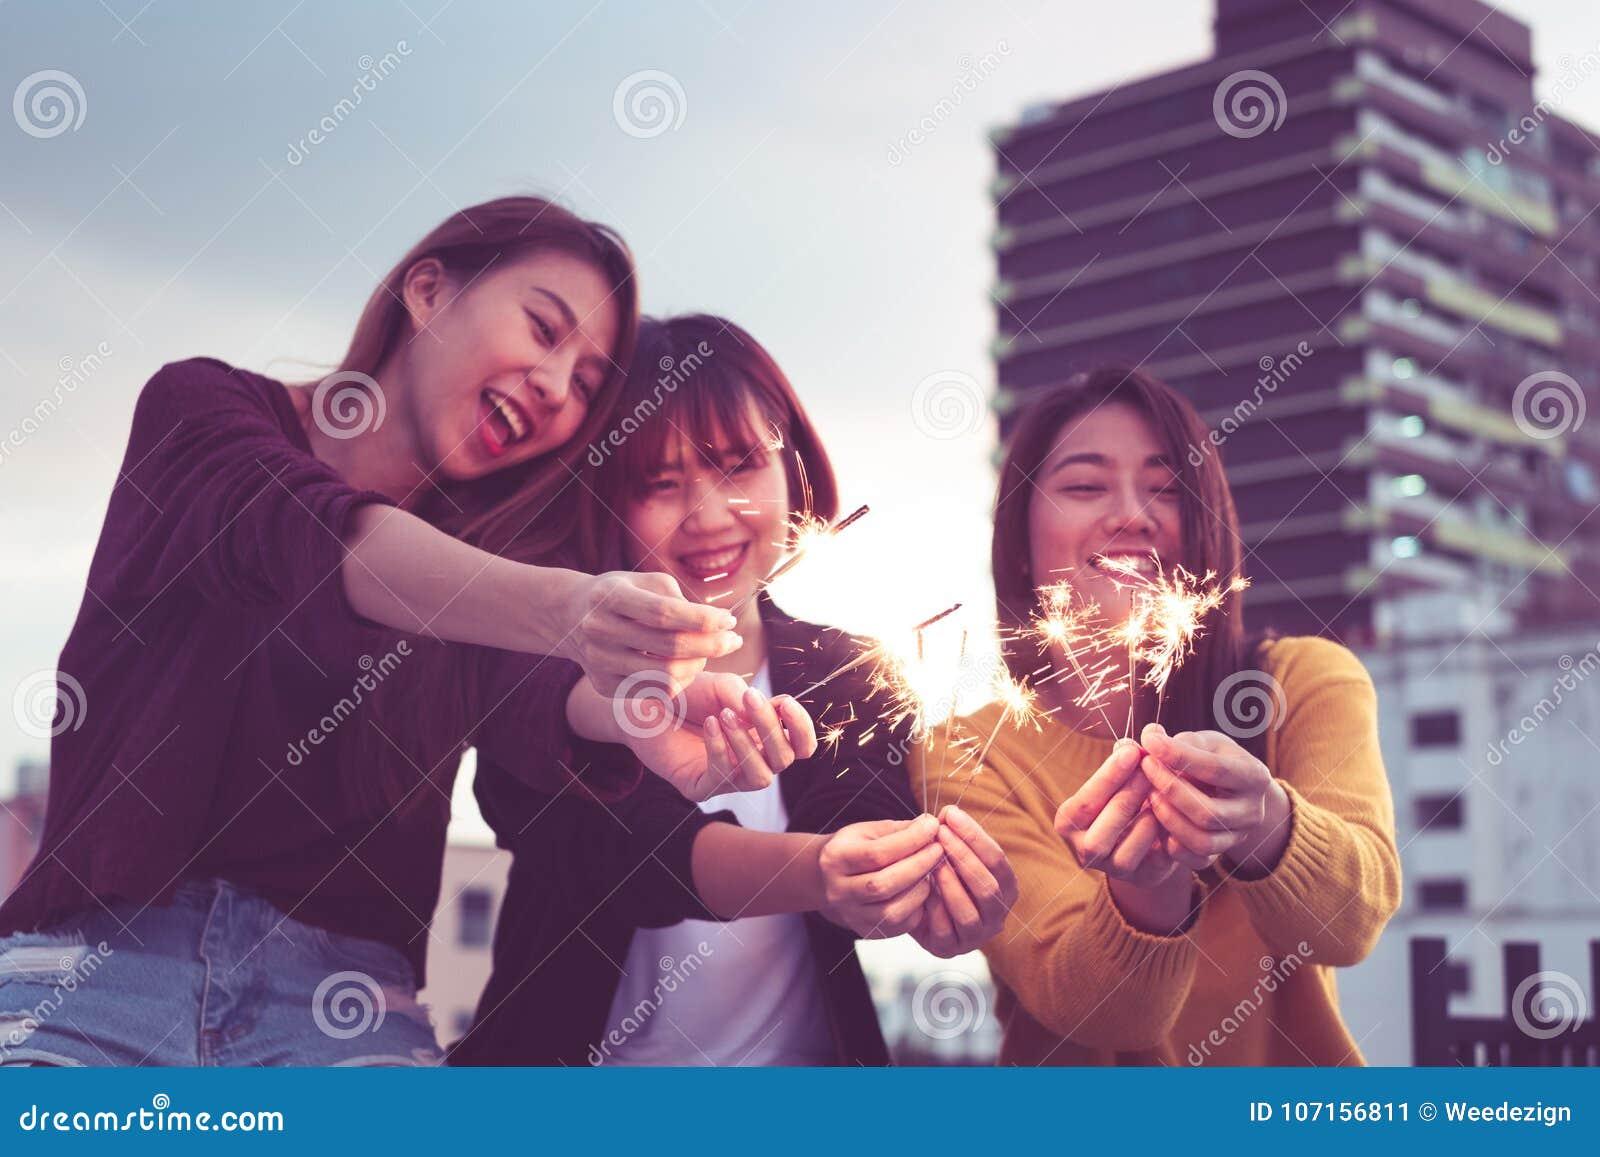 Glückliche Gruppe Asien-Freundinnen genießen und spielen Wunderkerze am Dach